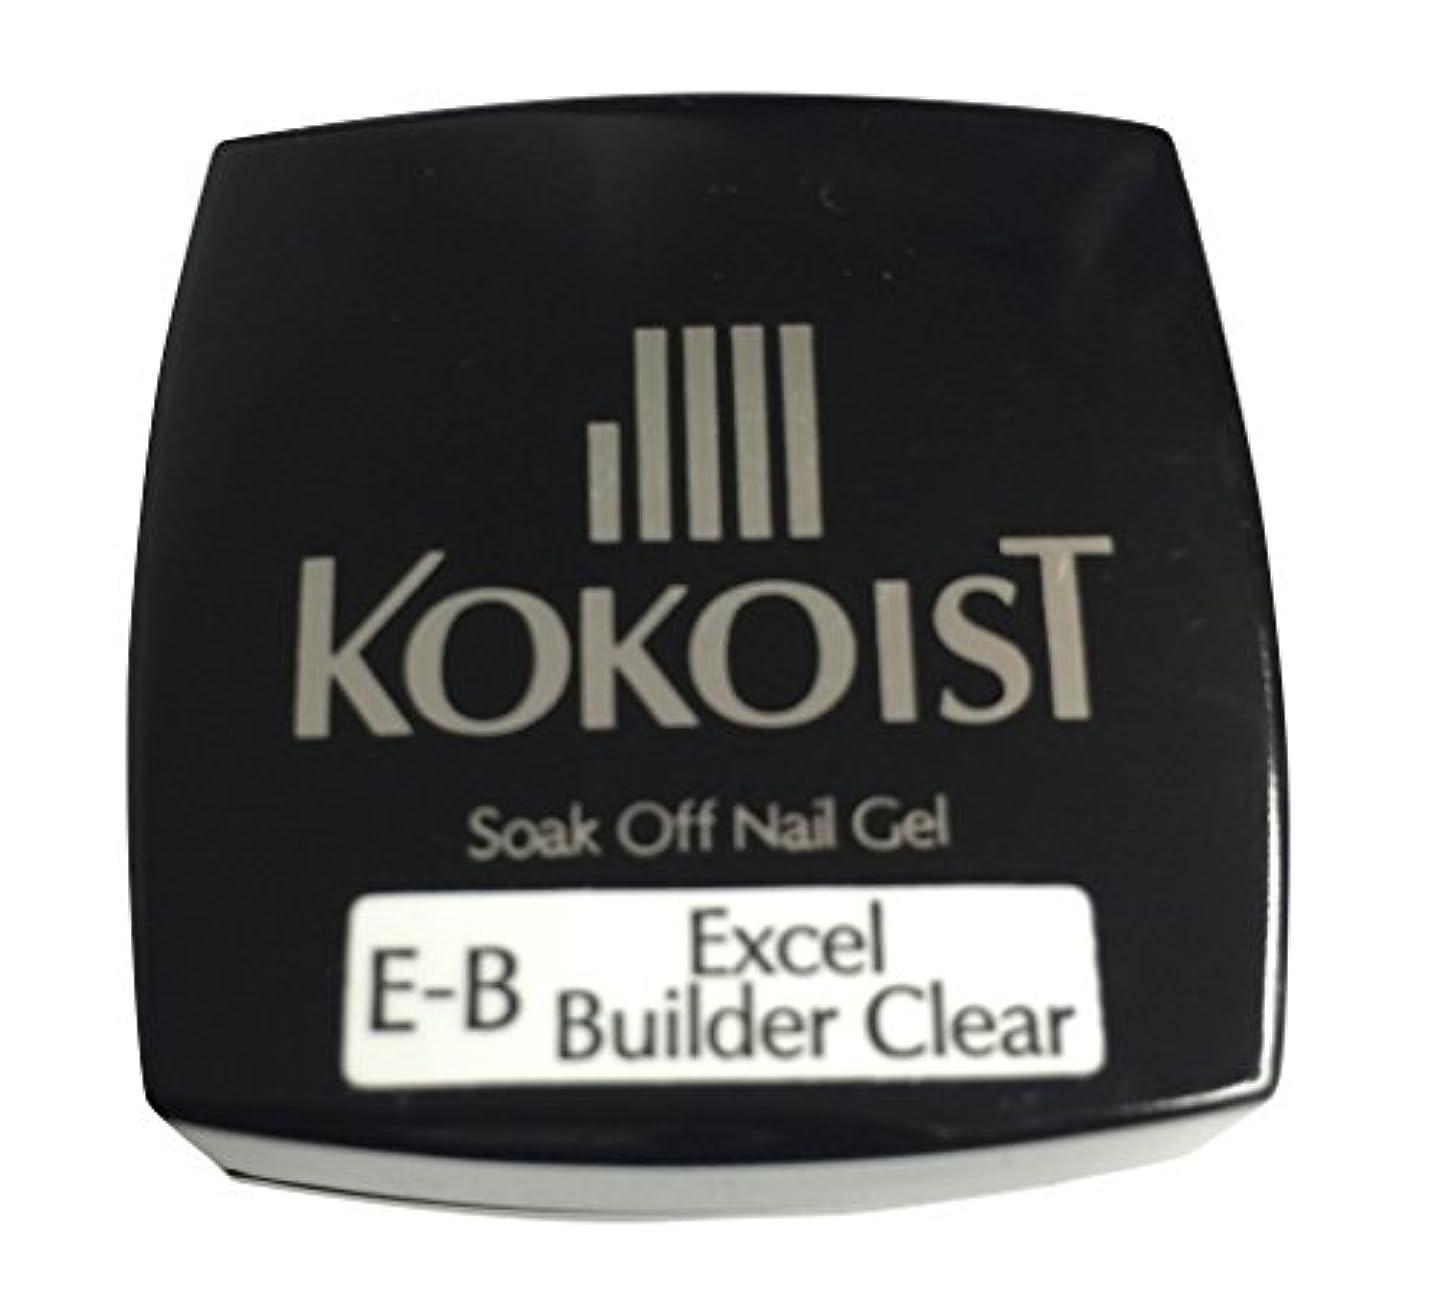 医薬品設計広々としたKOKOIST(ココイスト) ソークオフクリアジェル エクセルビルダー  4g